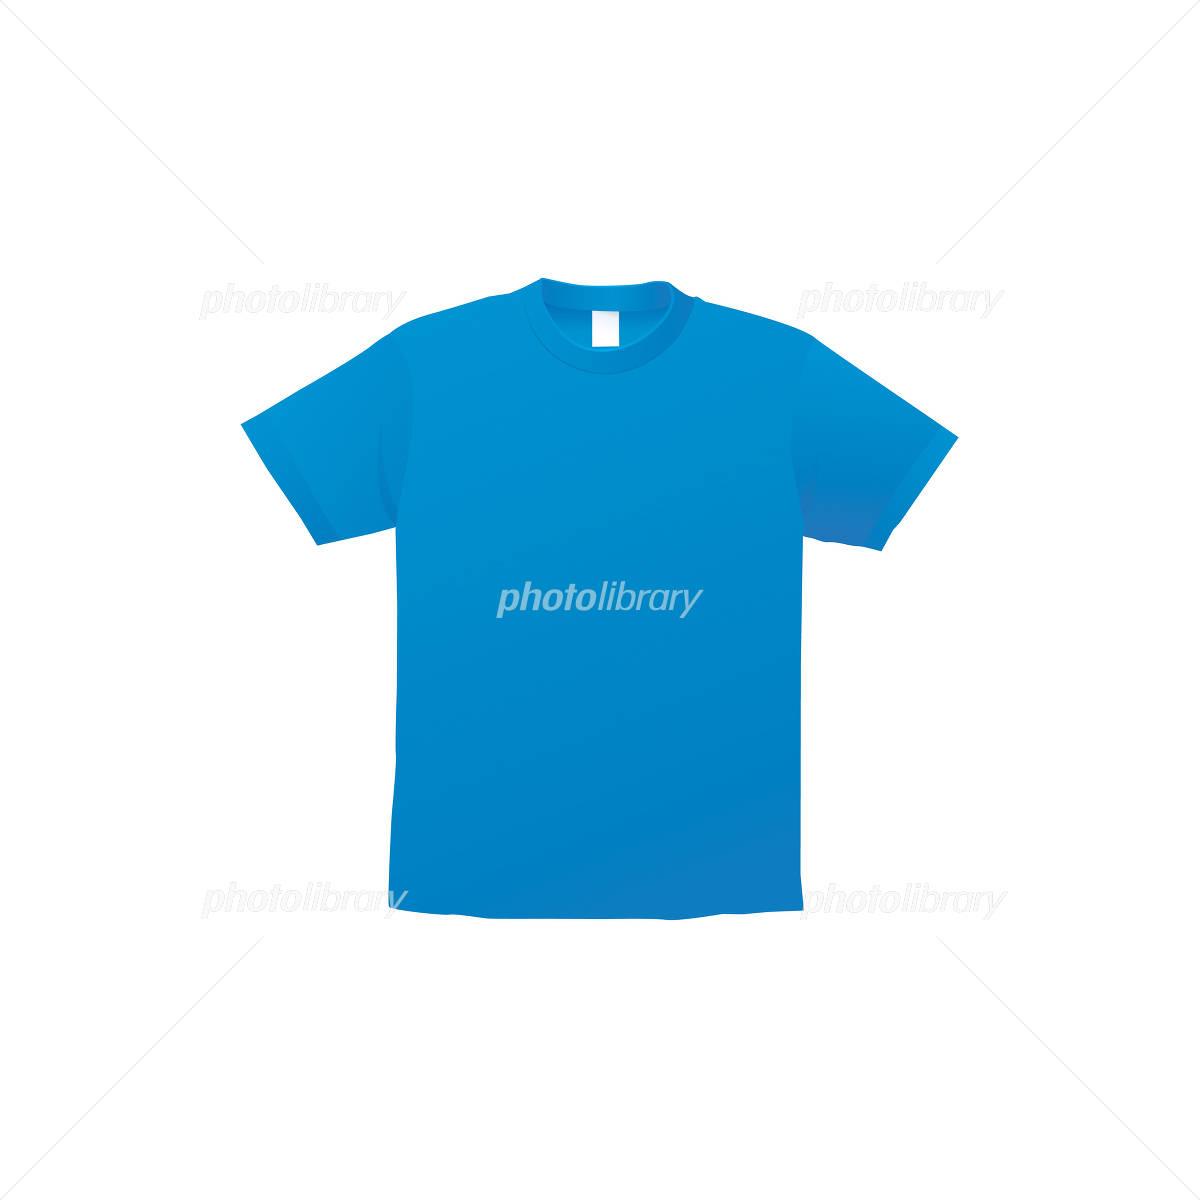 青いtシャツのイラスト イラスト素材 1359101 フォトライブラリー